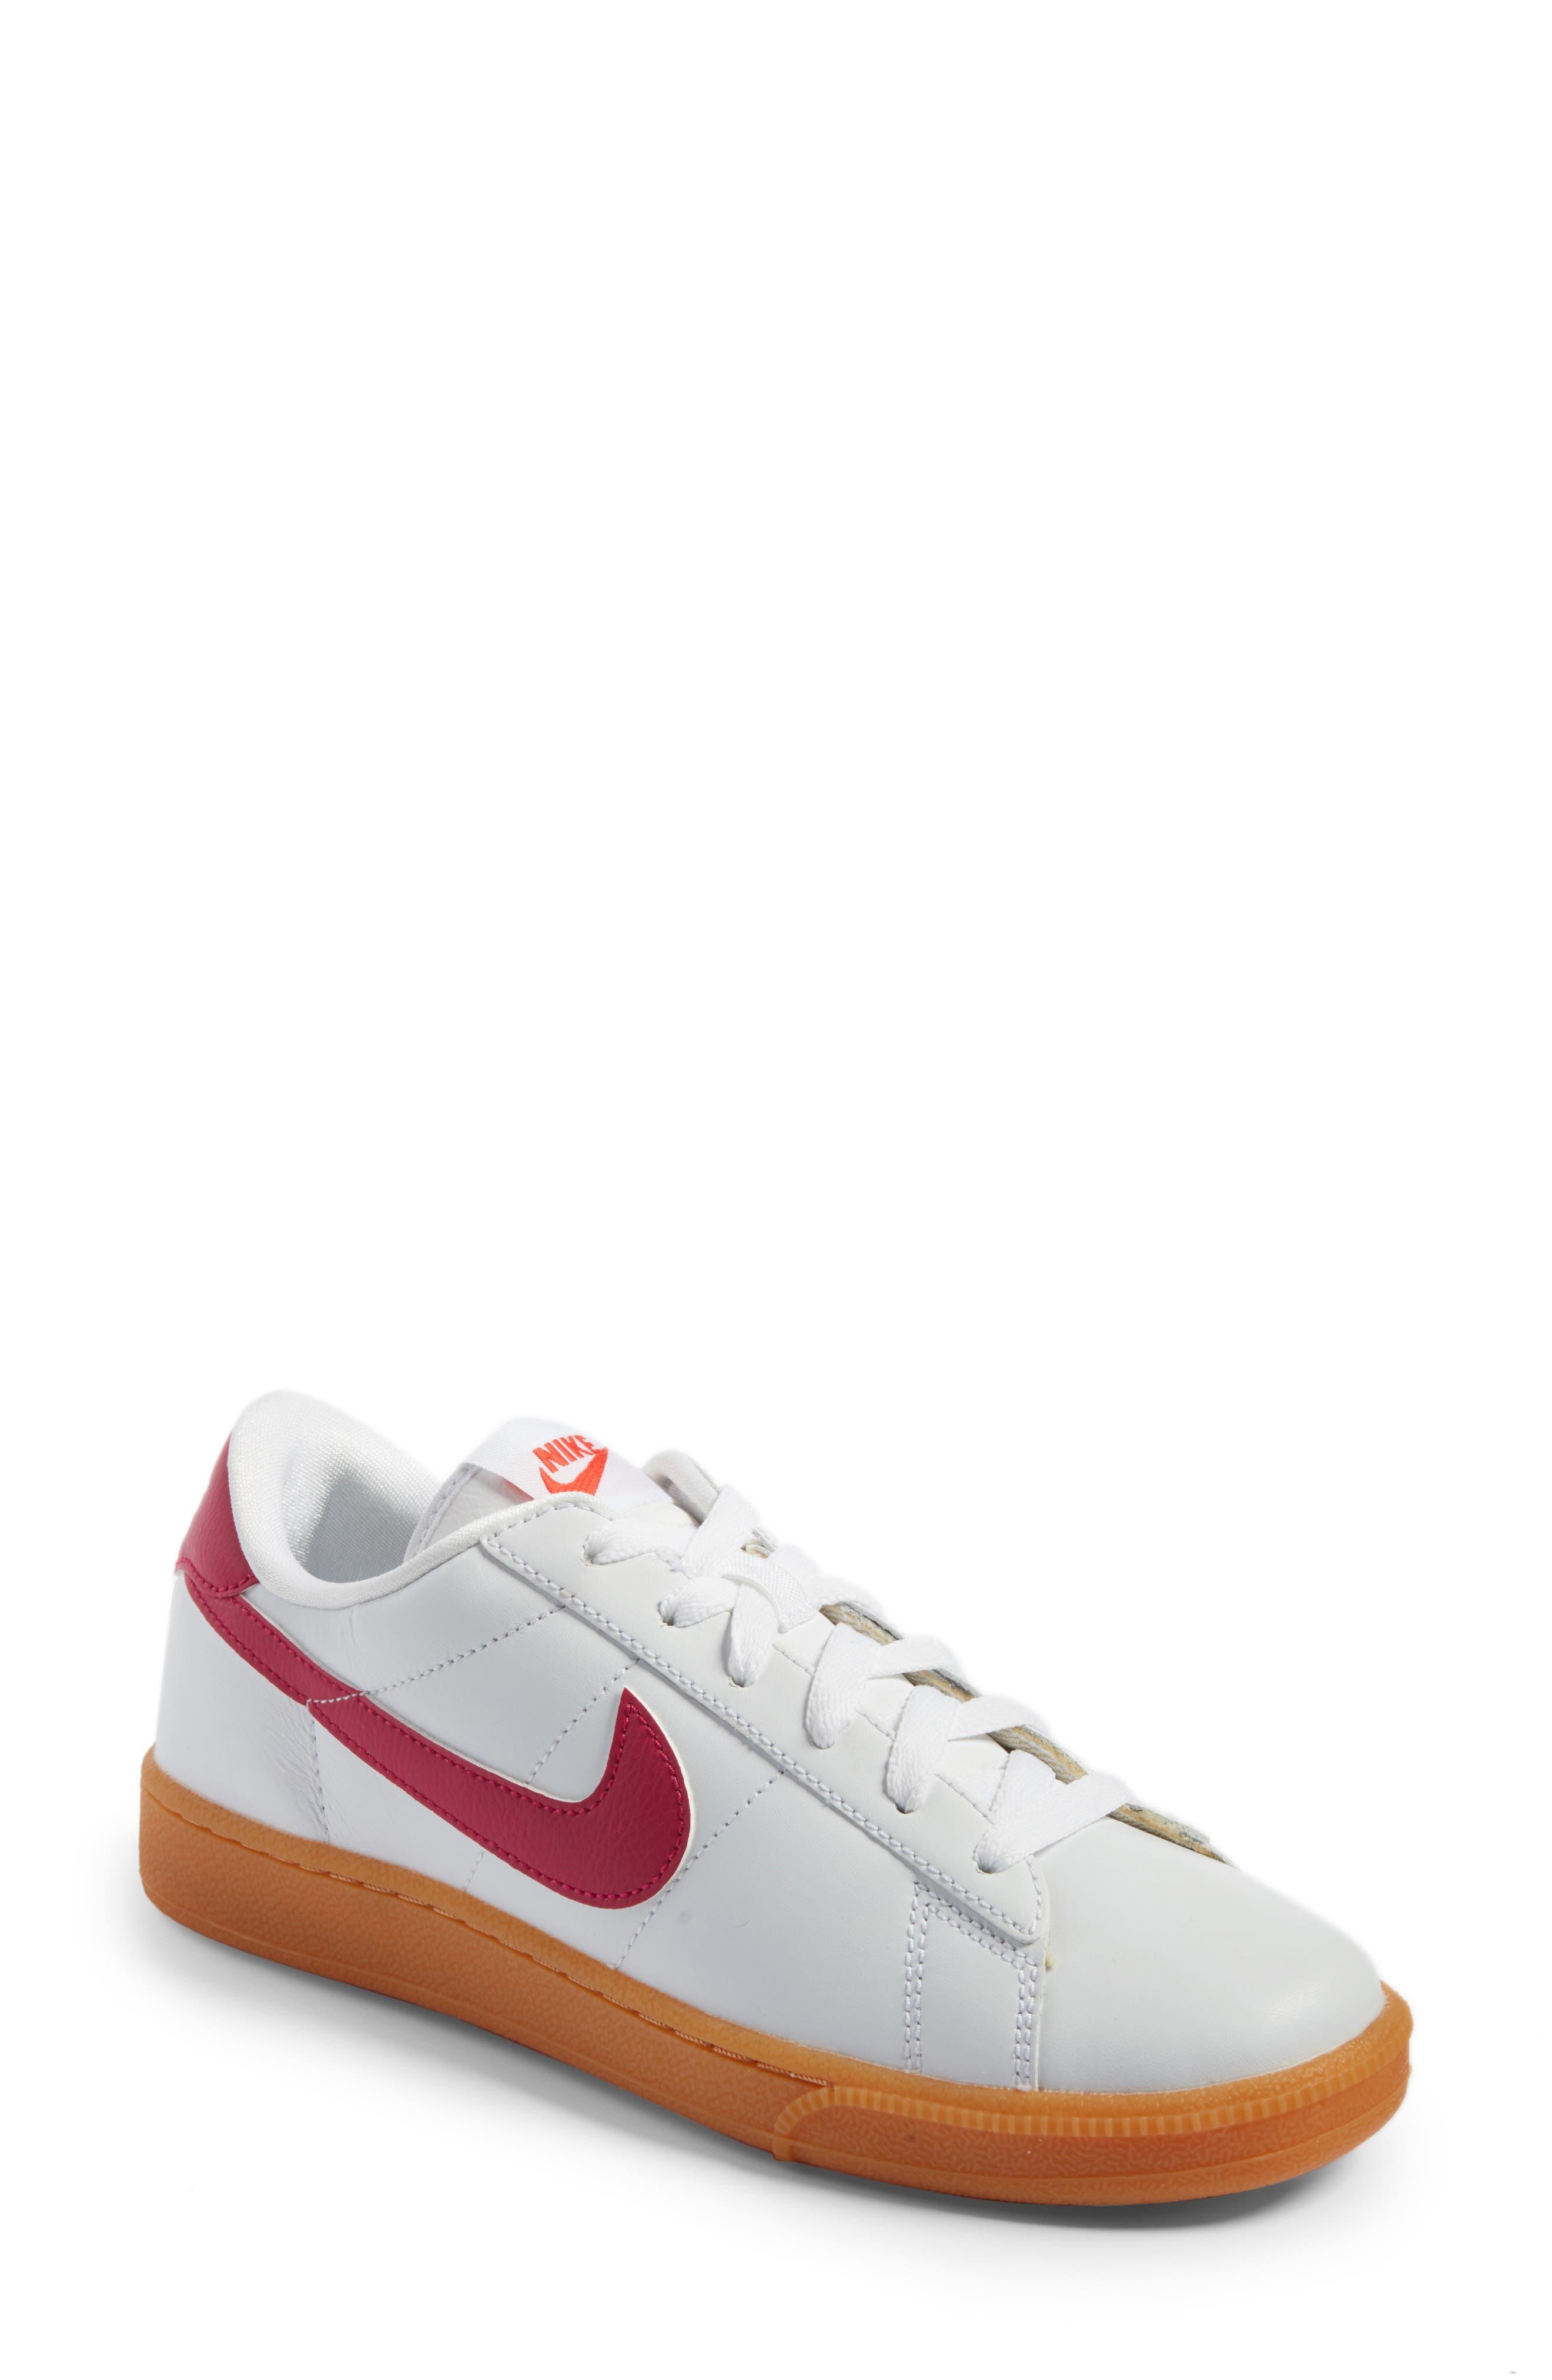 Alternate Image 1 Selected - Nike Tennis Classic Sneaker (Women)